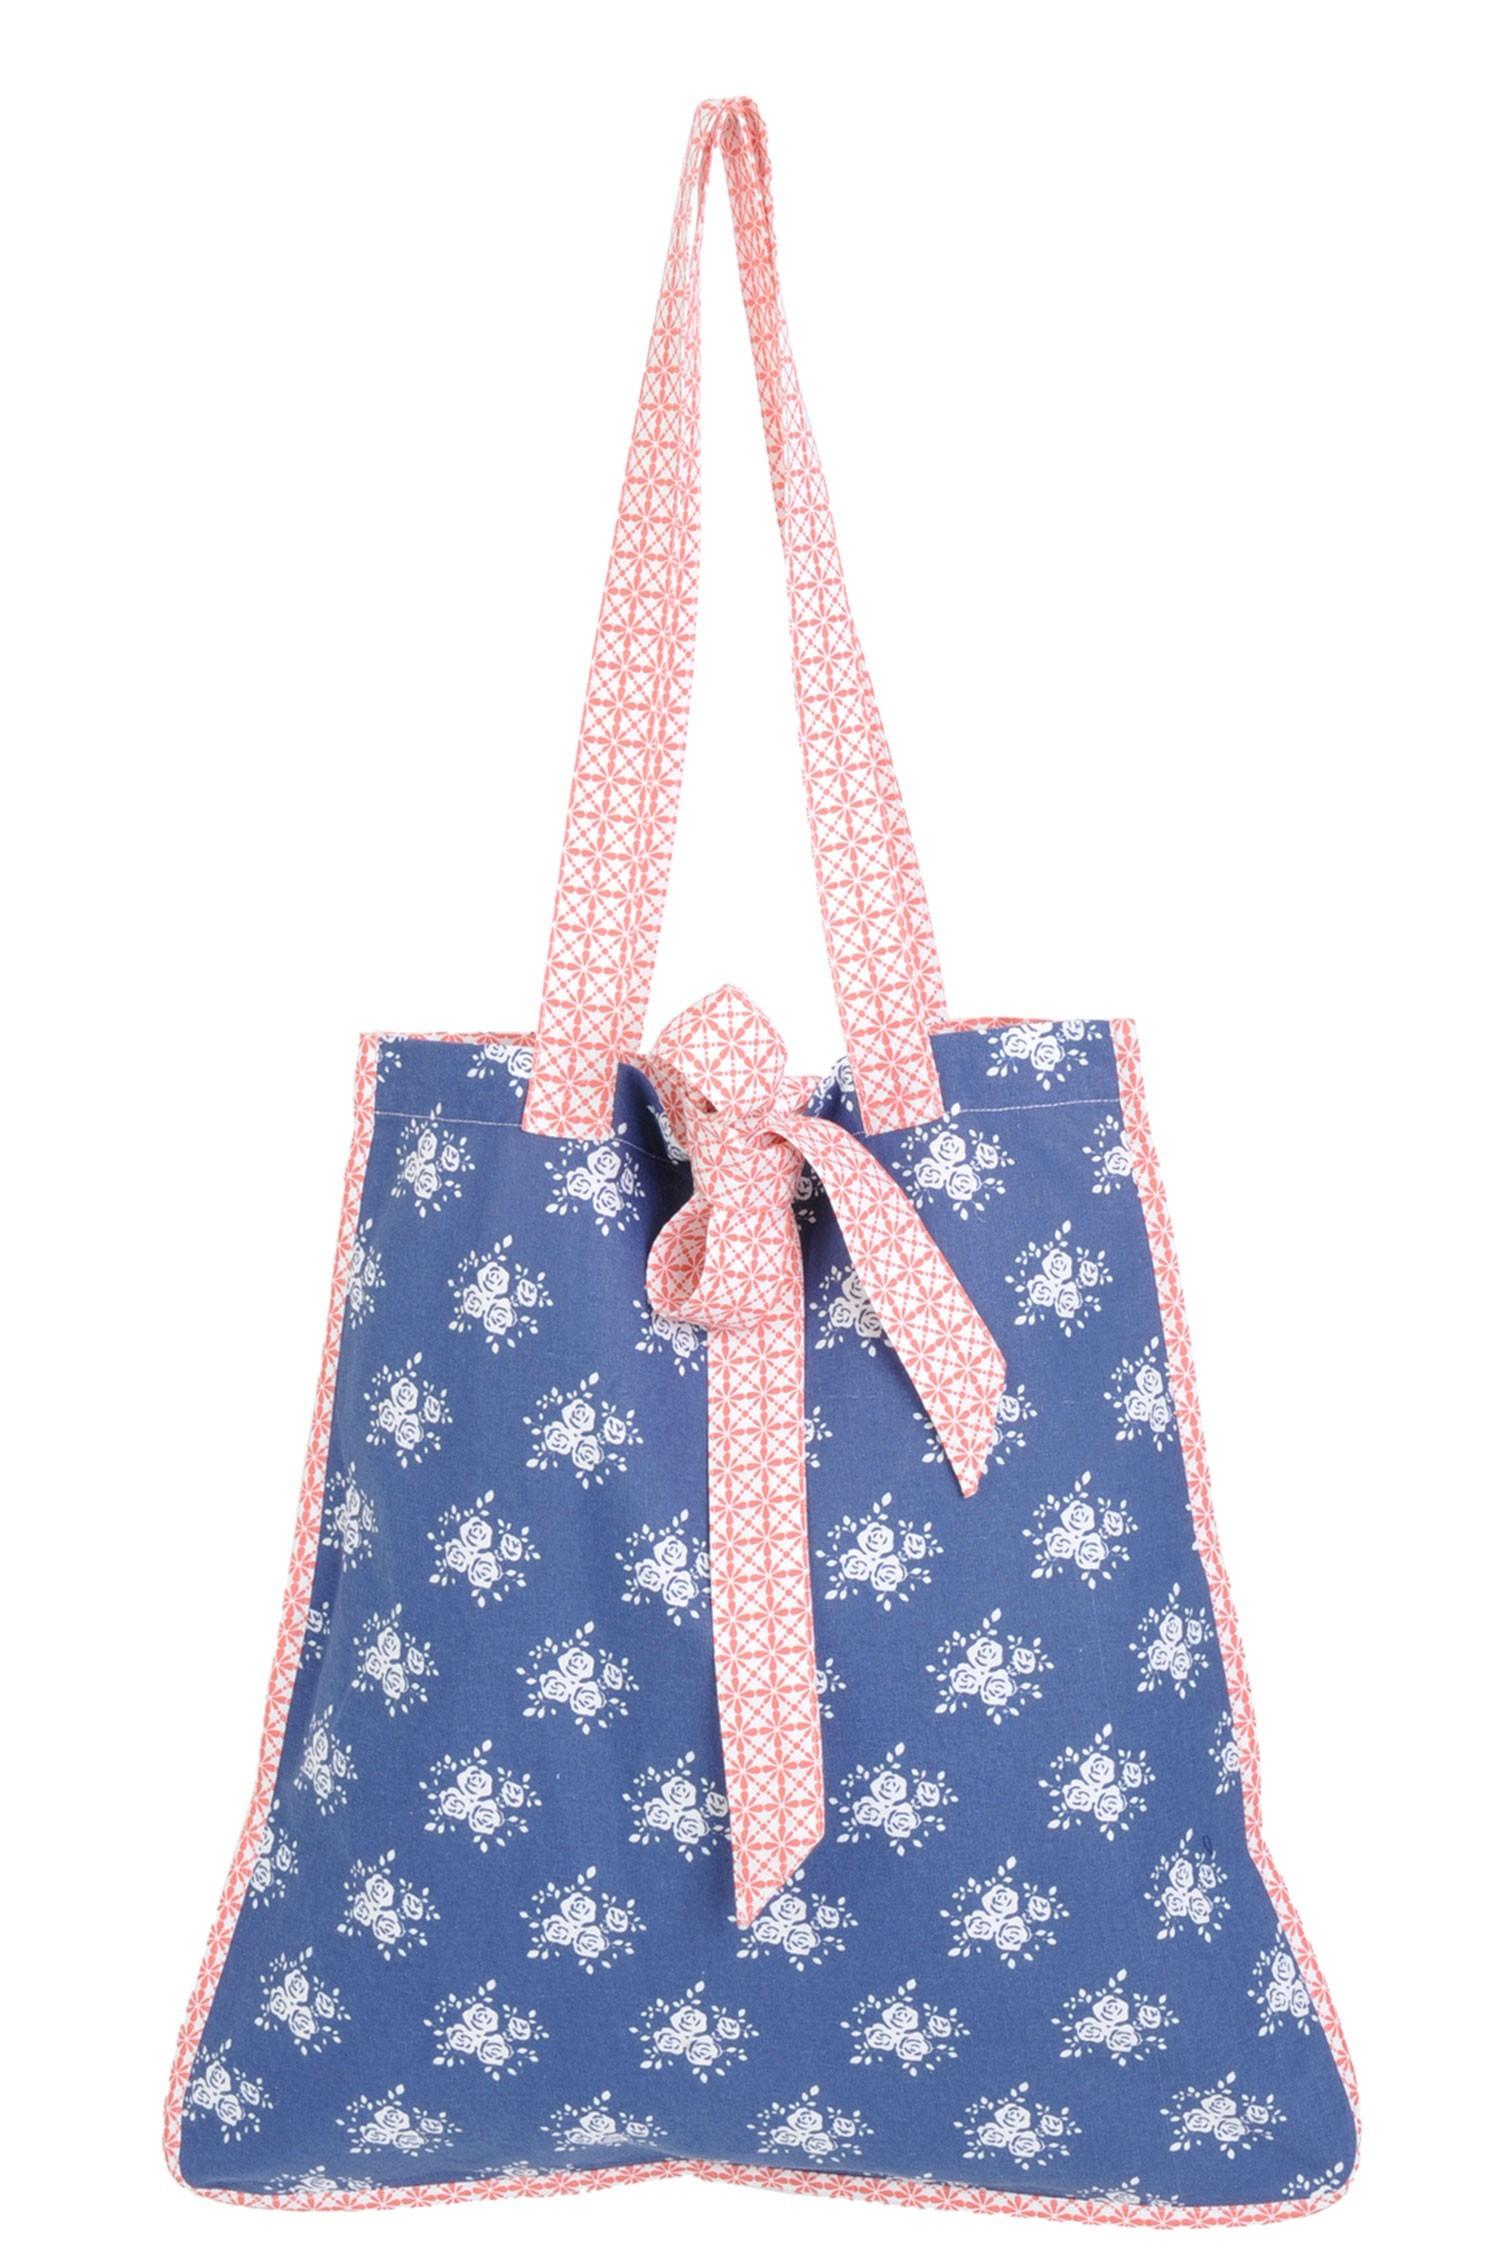 fe172d98b7 Látková taška Rose Garden Blue - 50 45 78 cm